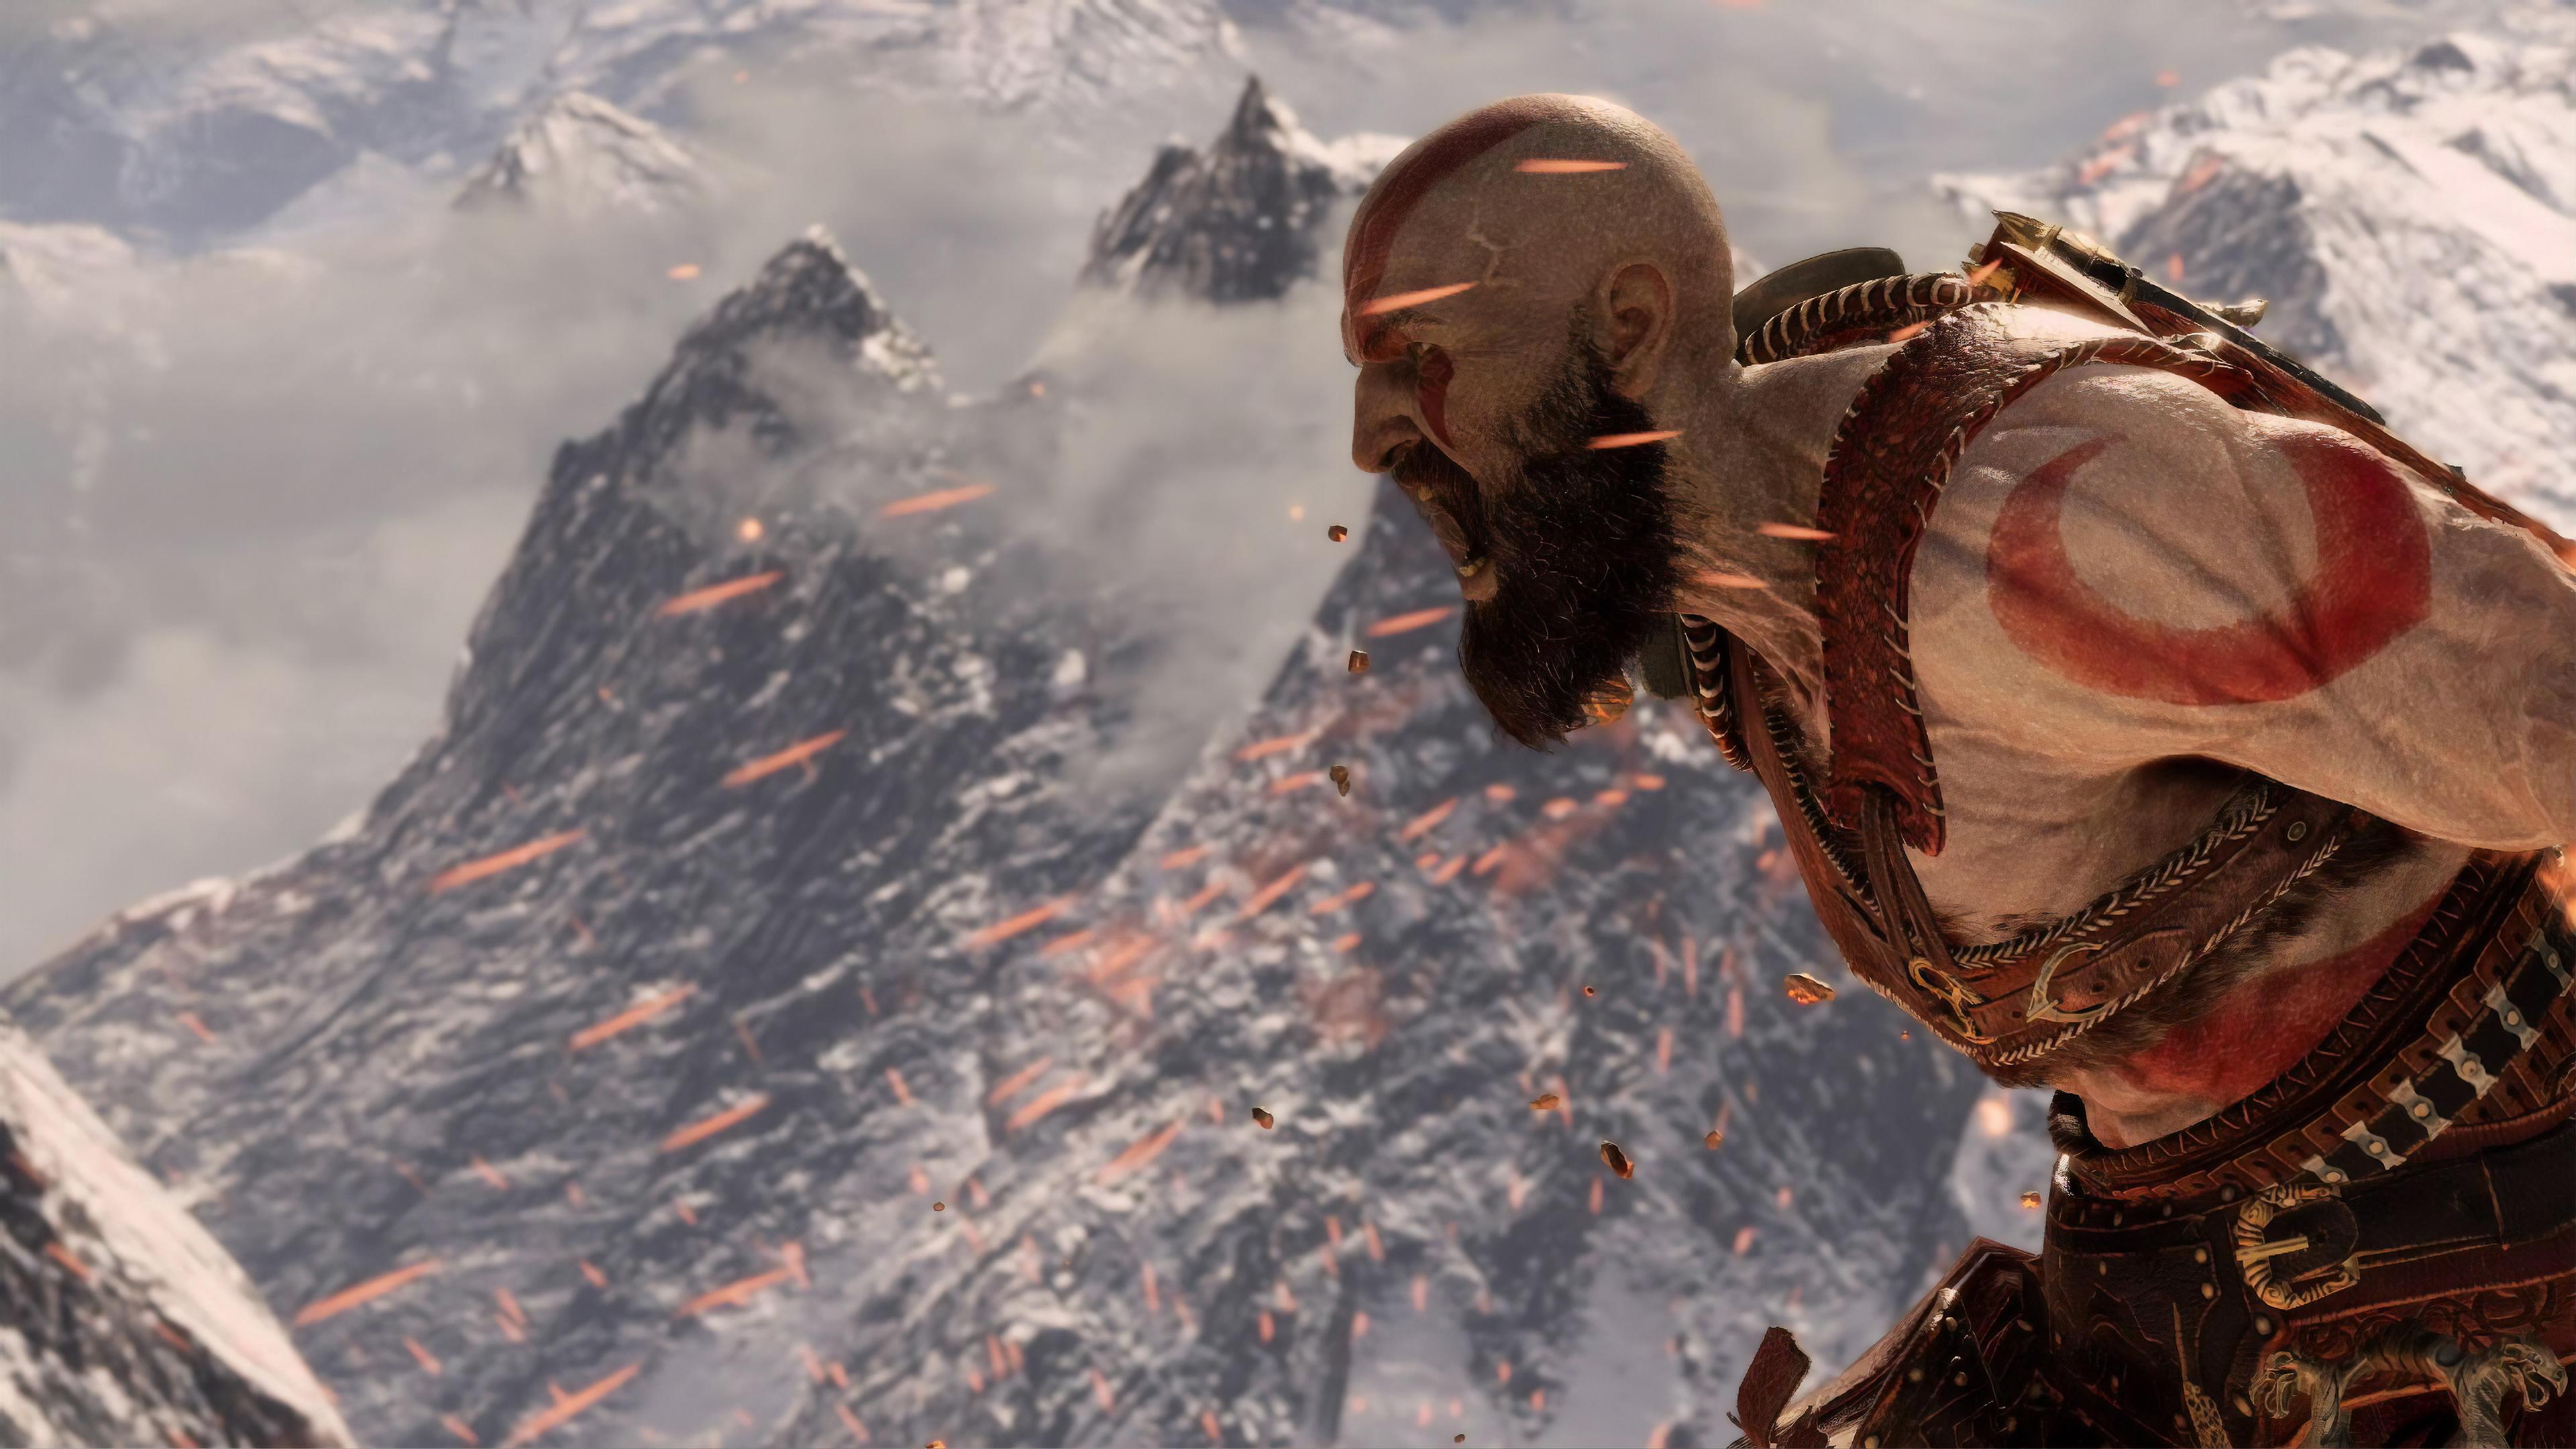 2019 God Of War 4 4k Hd Games 4k Wallpapers Images